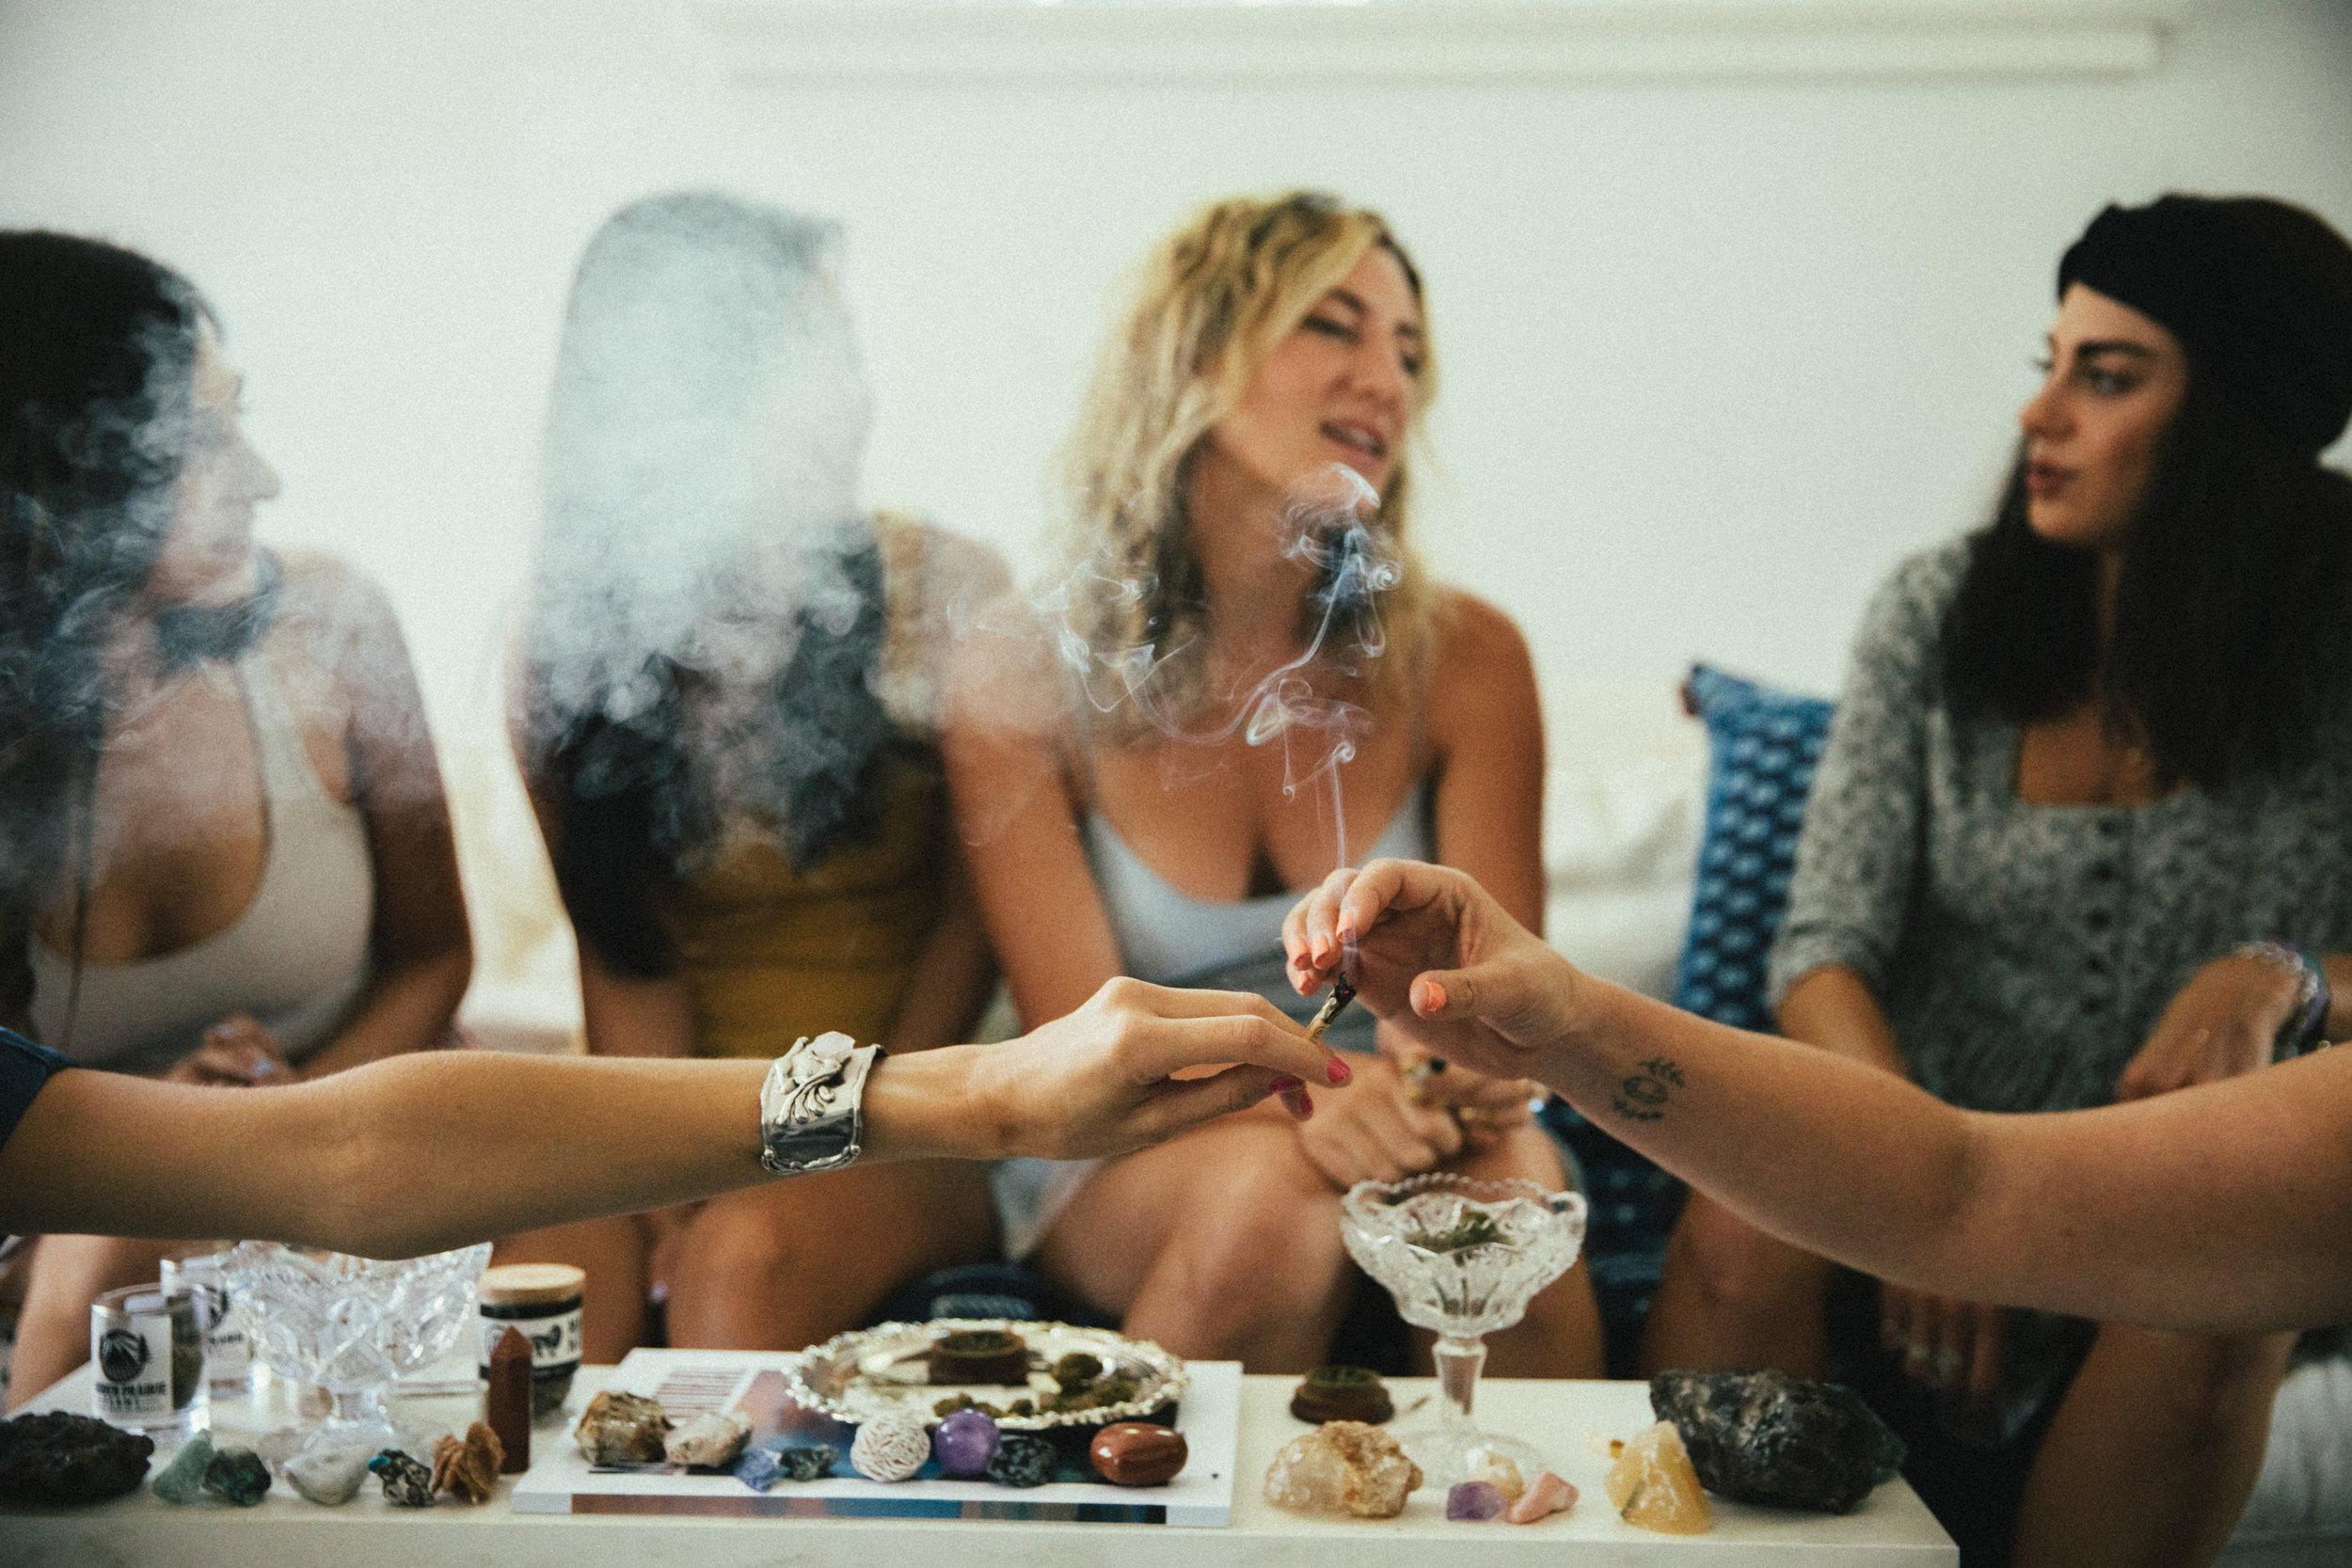 The future of cannabisis female. -